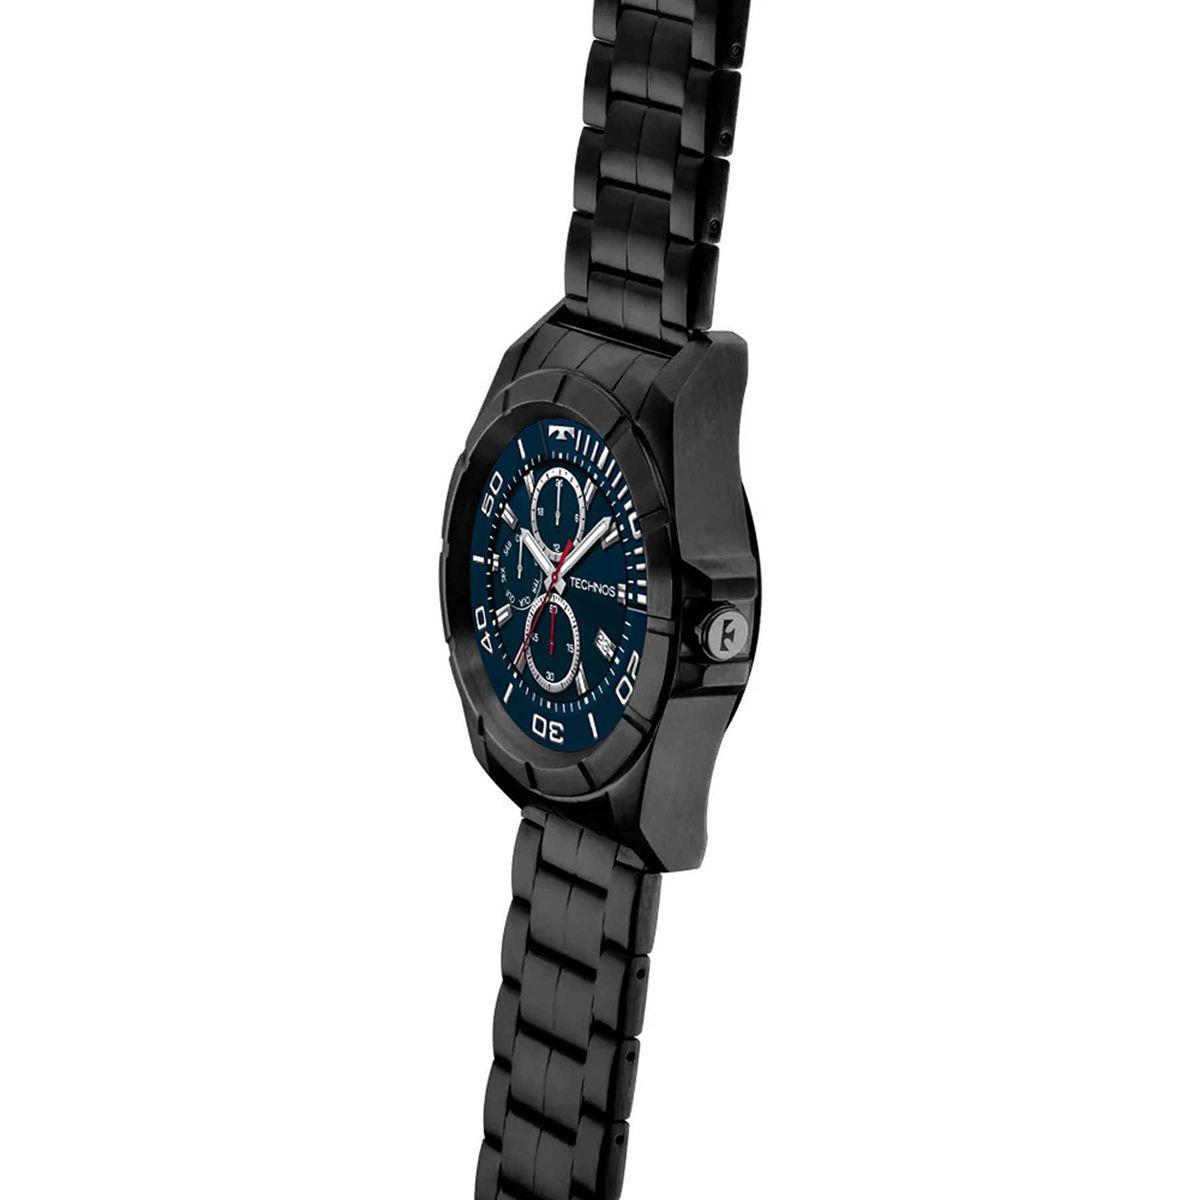 Relógio Technos Skydriver Masculino Smartwatch Troca Pulseira SRAC 4P R   1.239,00 à vista. Adicionar à sacola e5f22ac775